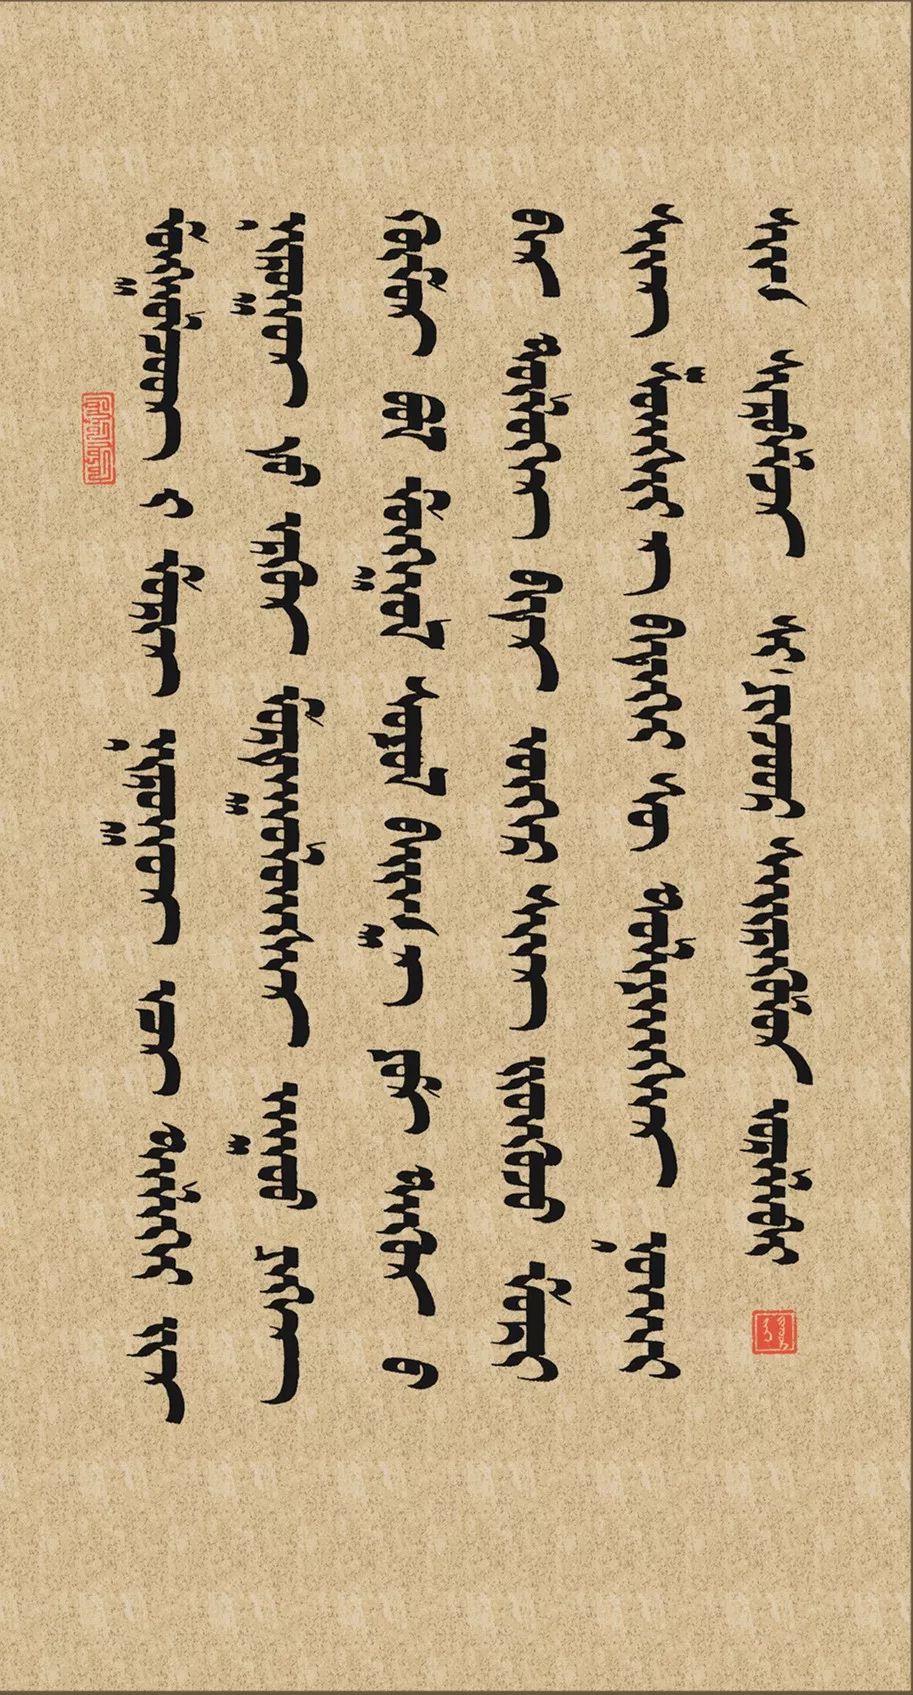 周五展 | 蒙古文书法家席•银柱印象 第14张